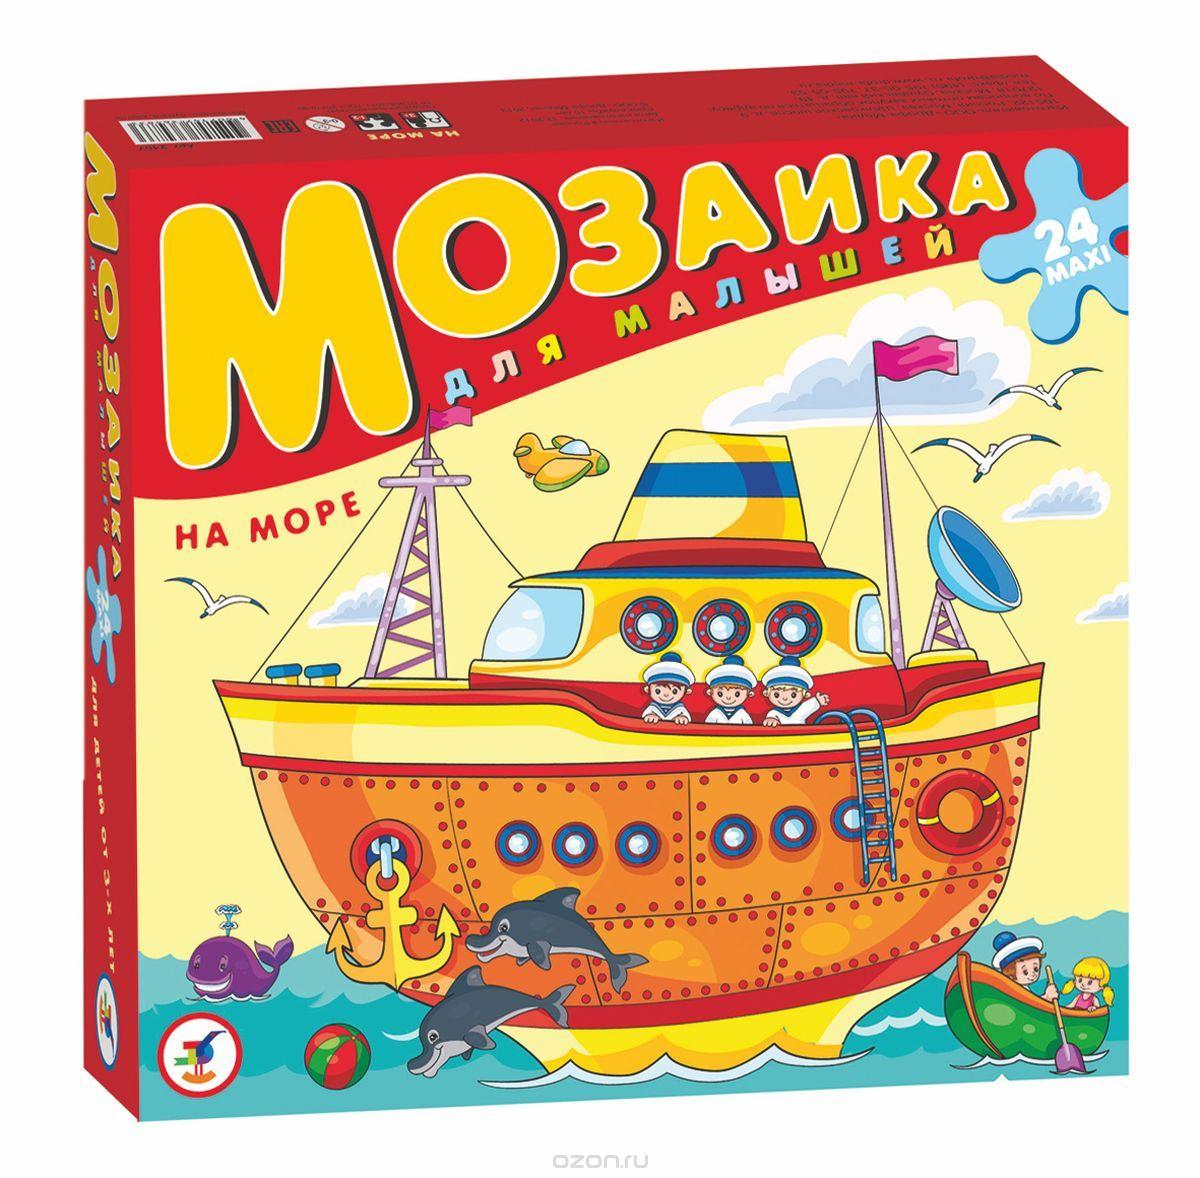 Дрофа-Медиа Мозаика На море дрофа медиа мозаика для малышей азбука 24 макси детали дрофа медиа